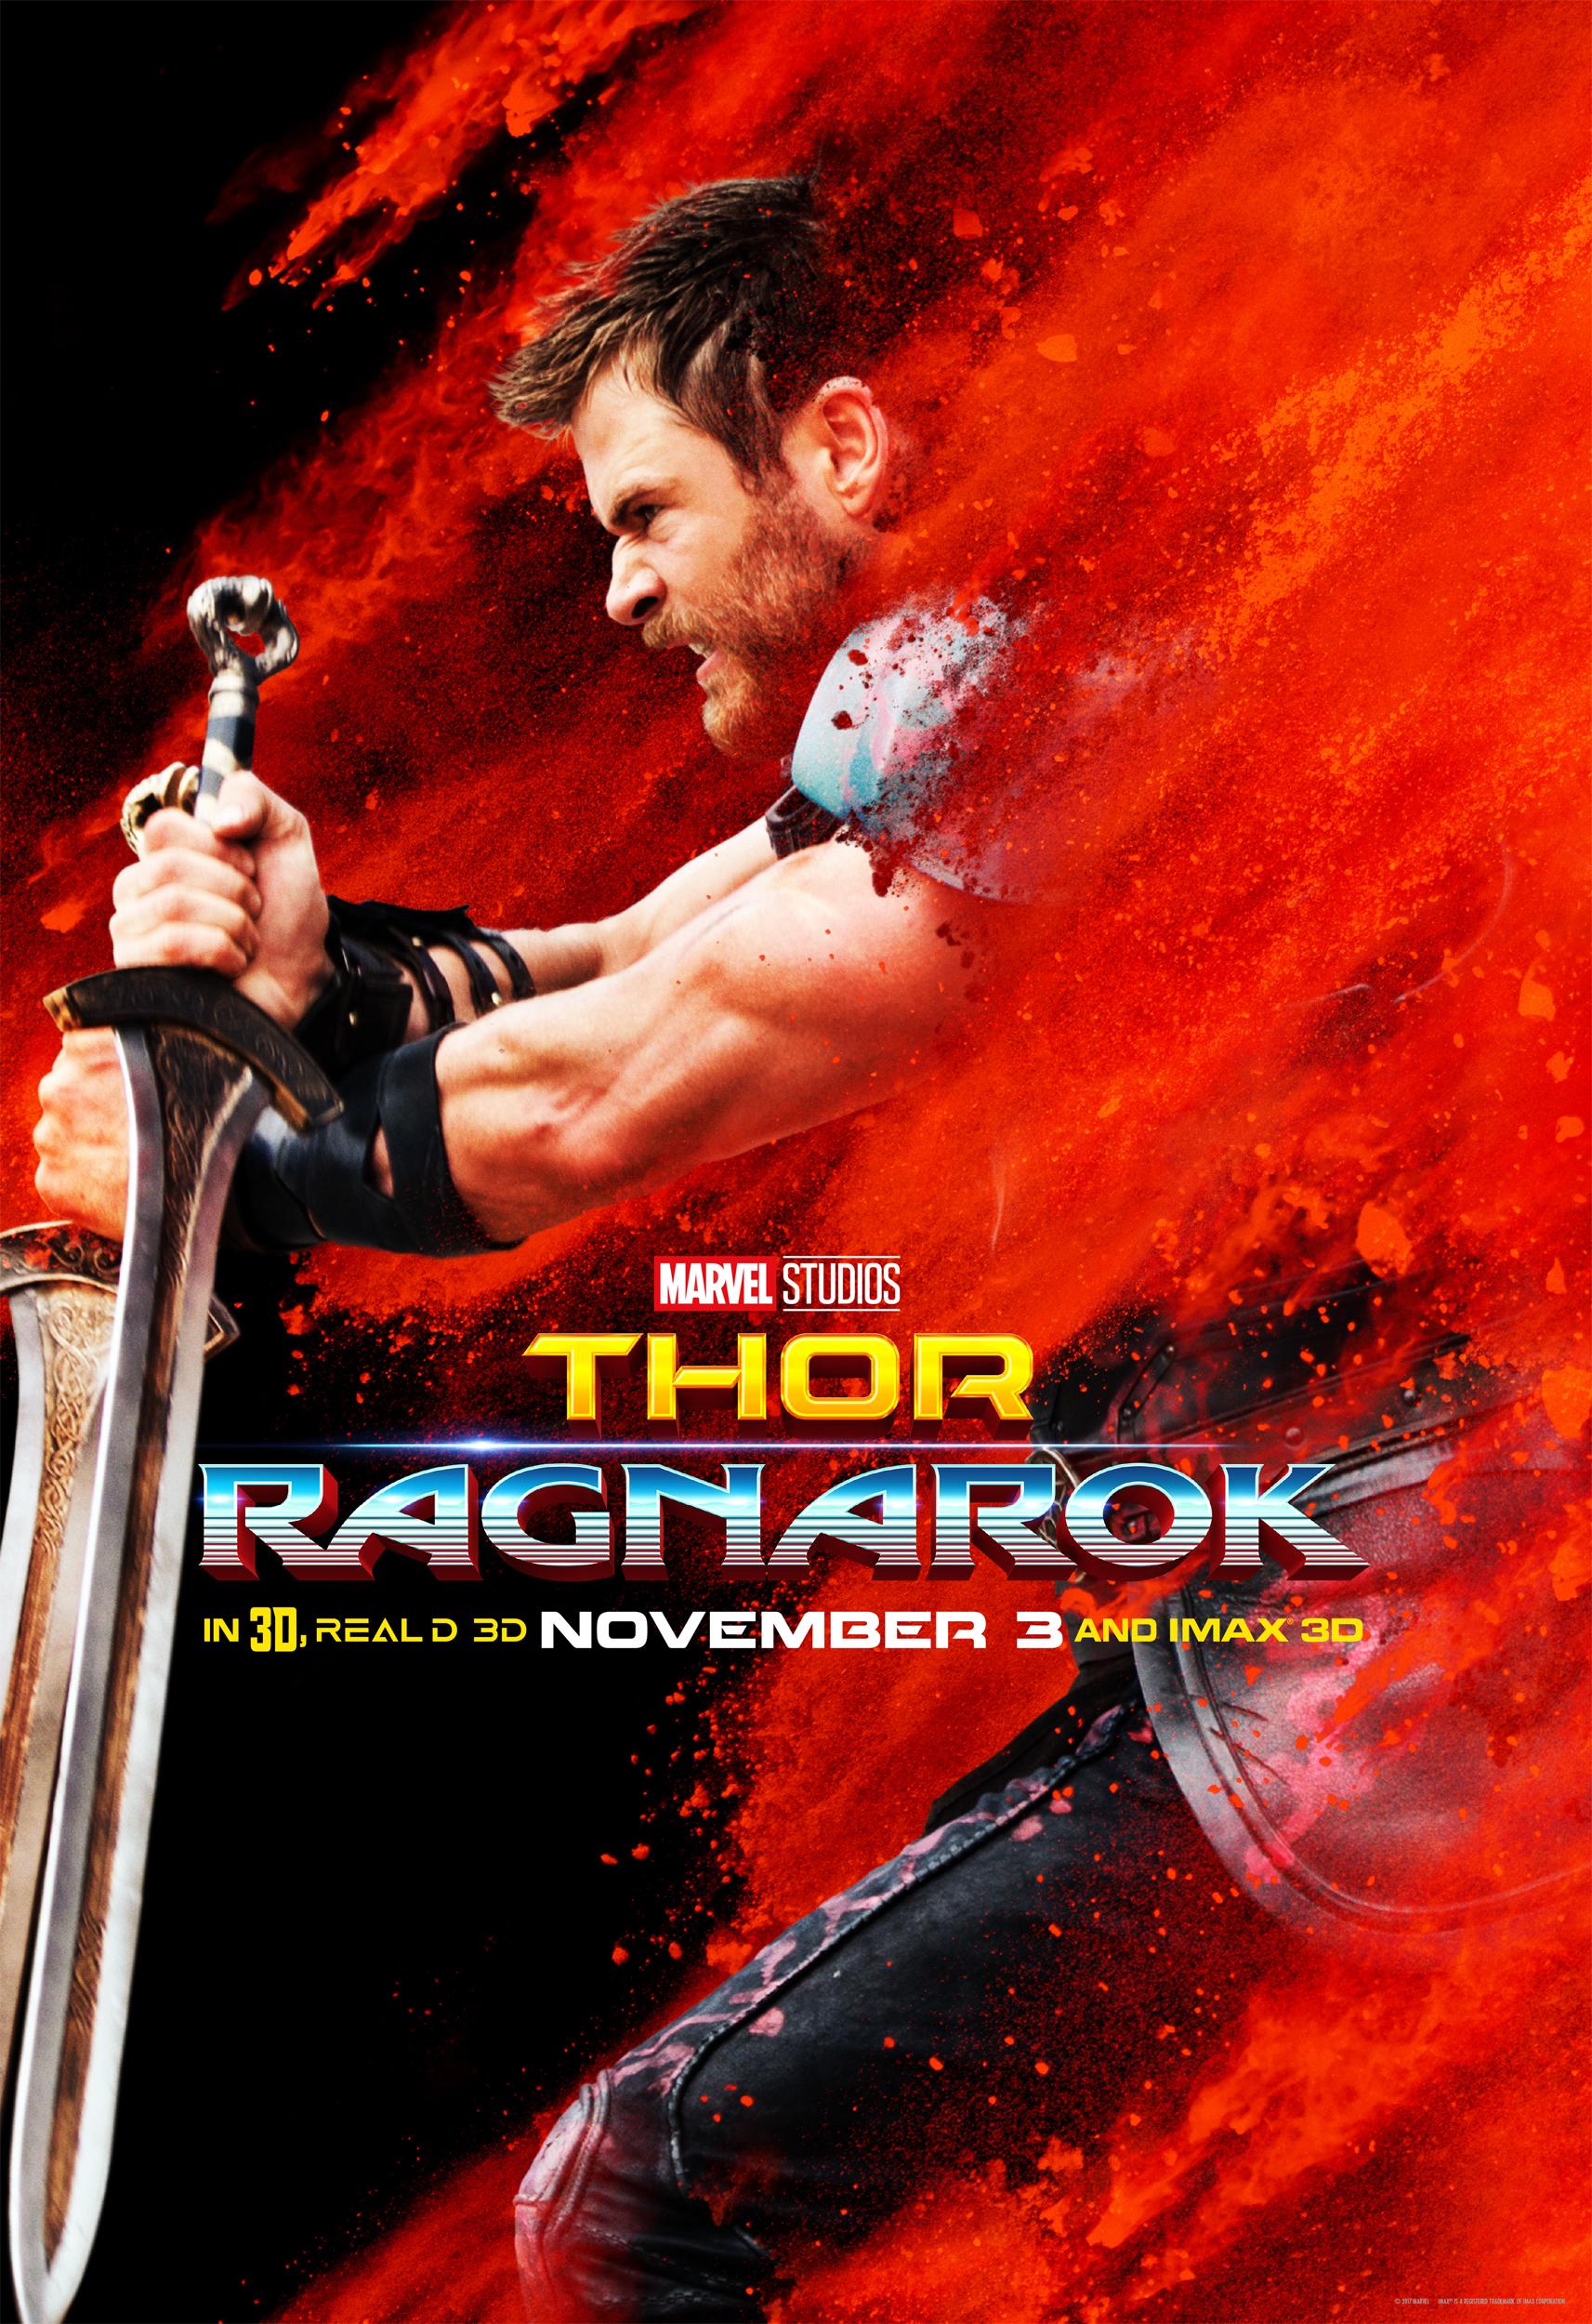 Marvel acaba de liberar nuevas imágenes de 'Thor: Ragnarok'